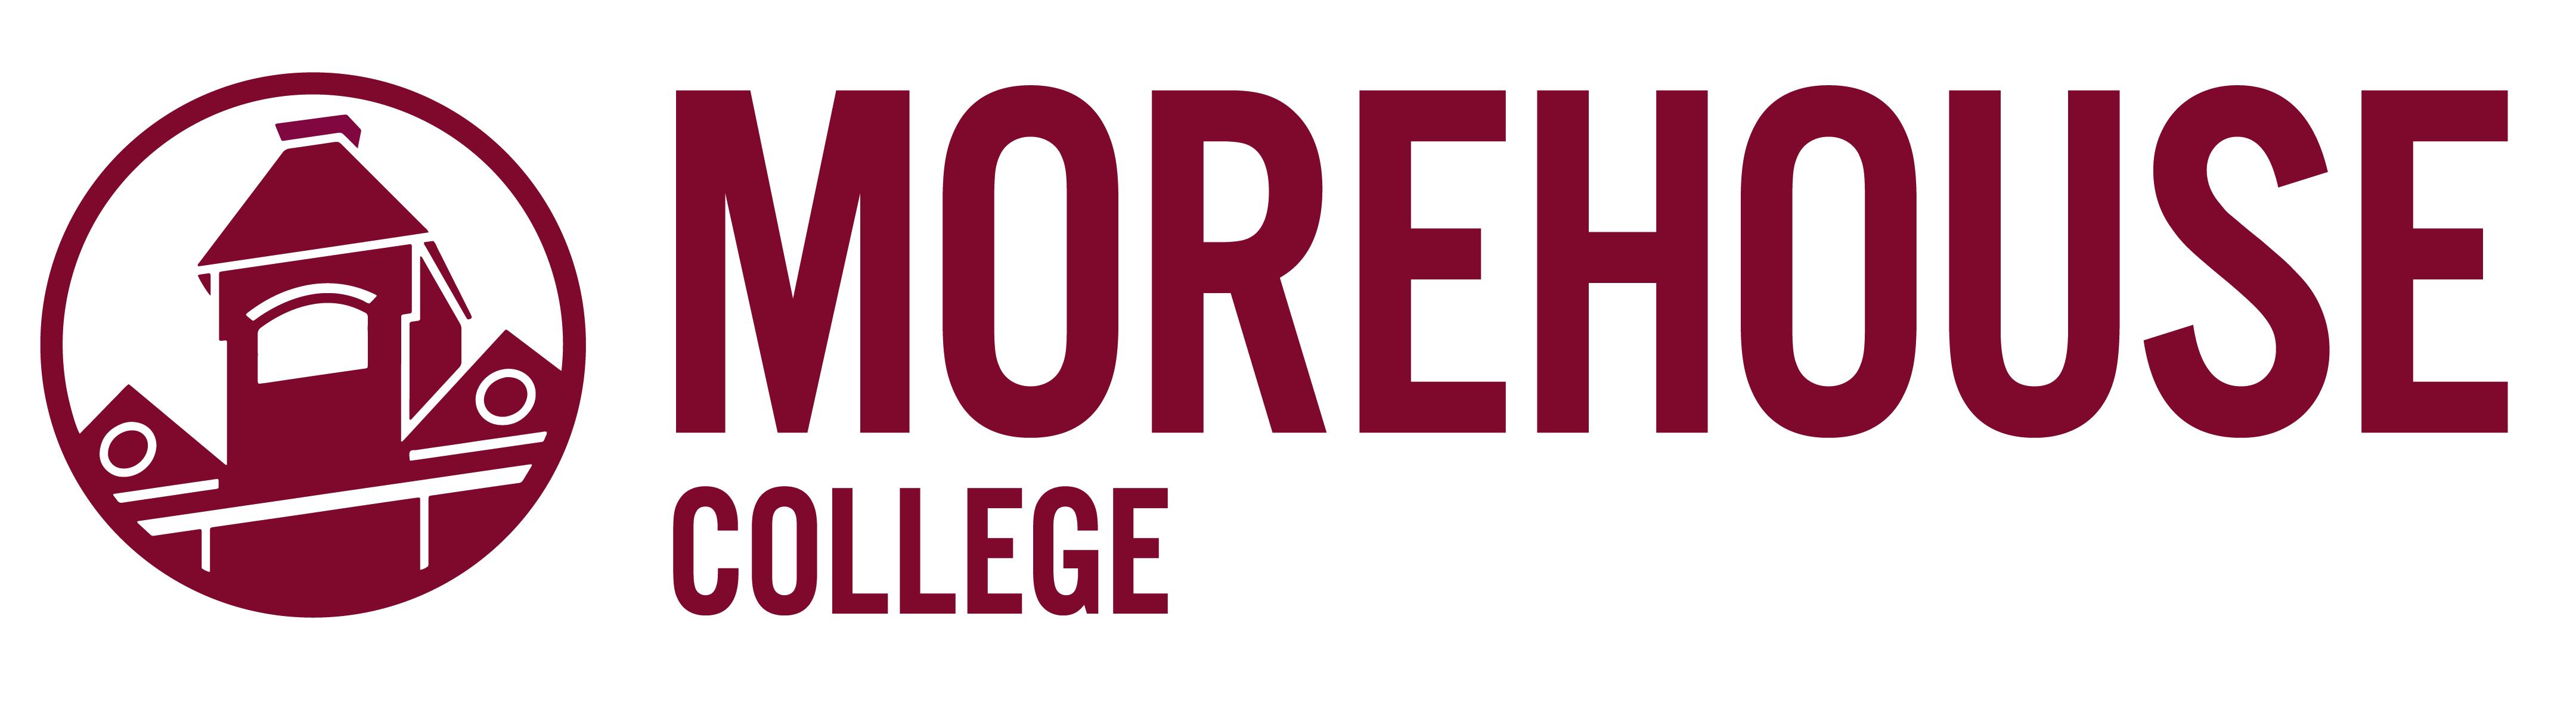 Morehouse-College-1585418312.jpg